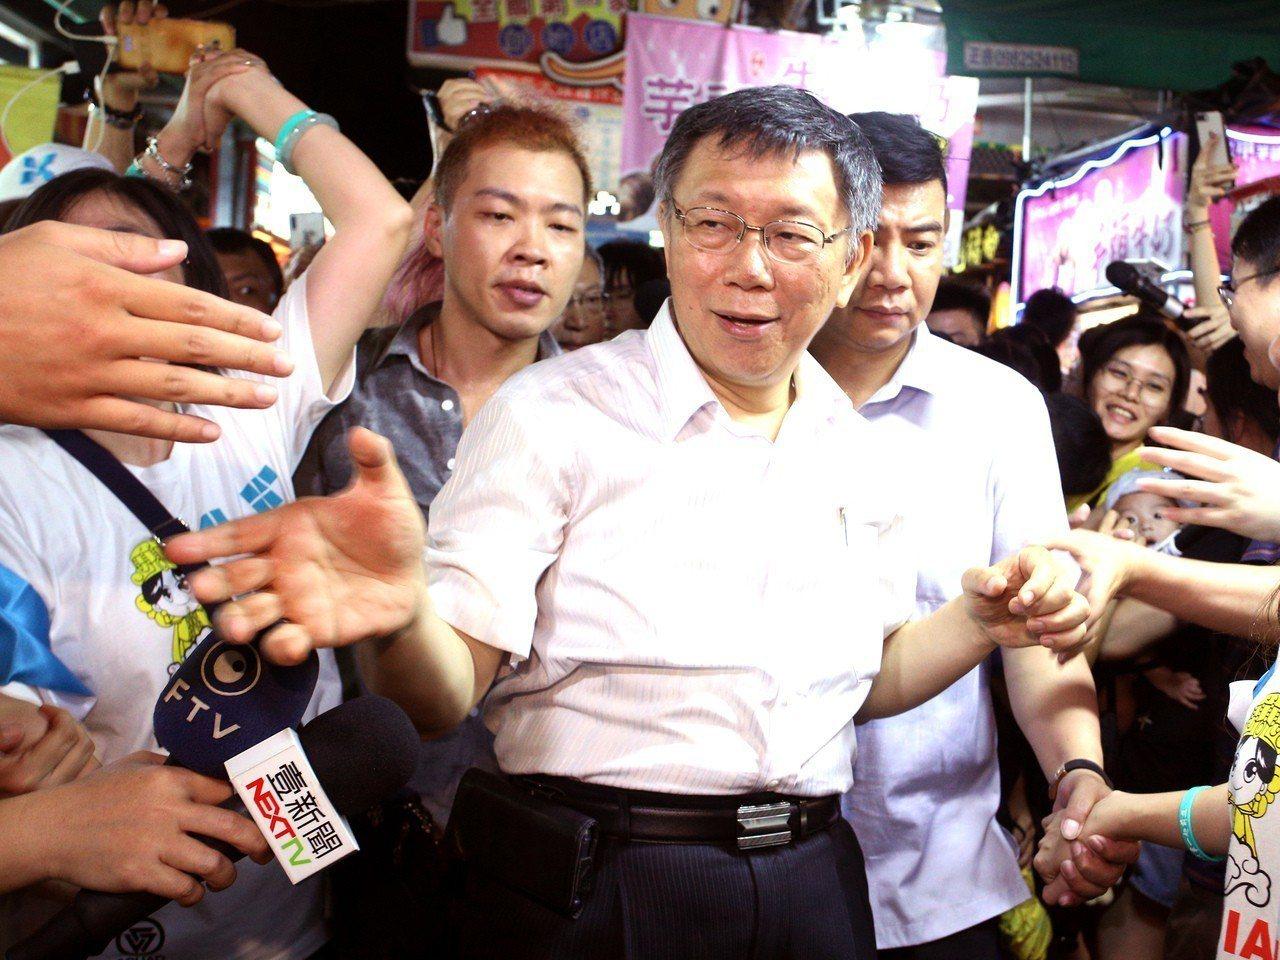 台北市長柯文哲(中)昨晚到高雄瑞豐夜市與粉絲見面,現場擠得水洩不通,大家爭相要跟...